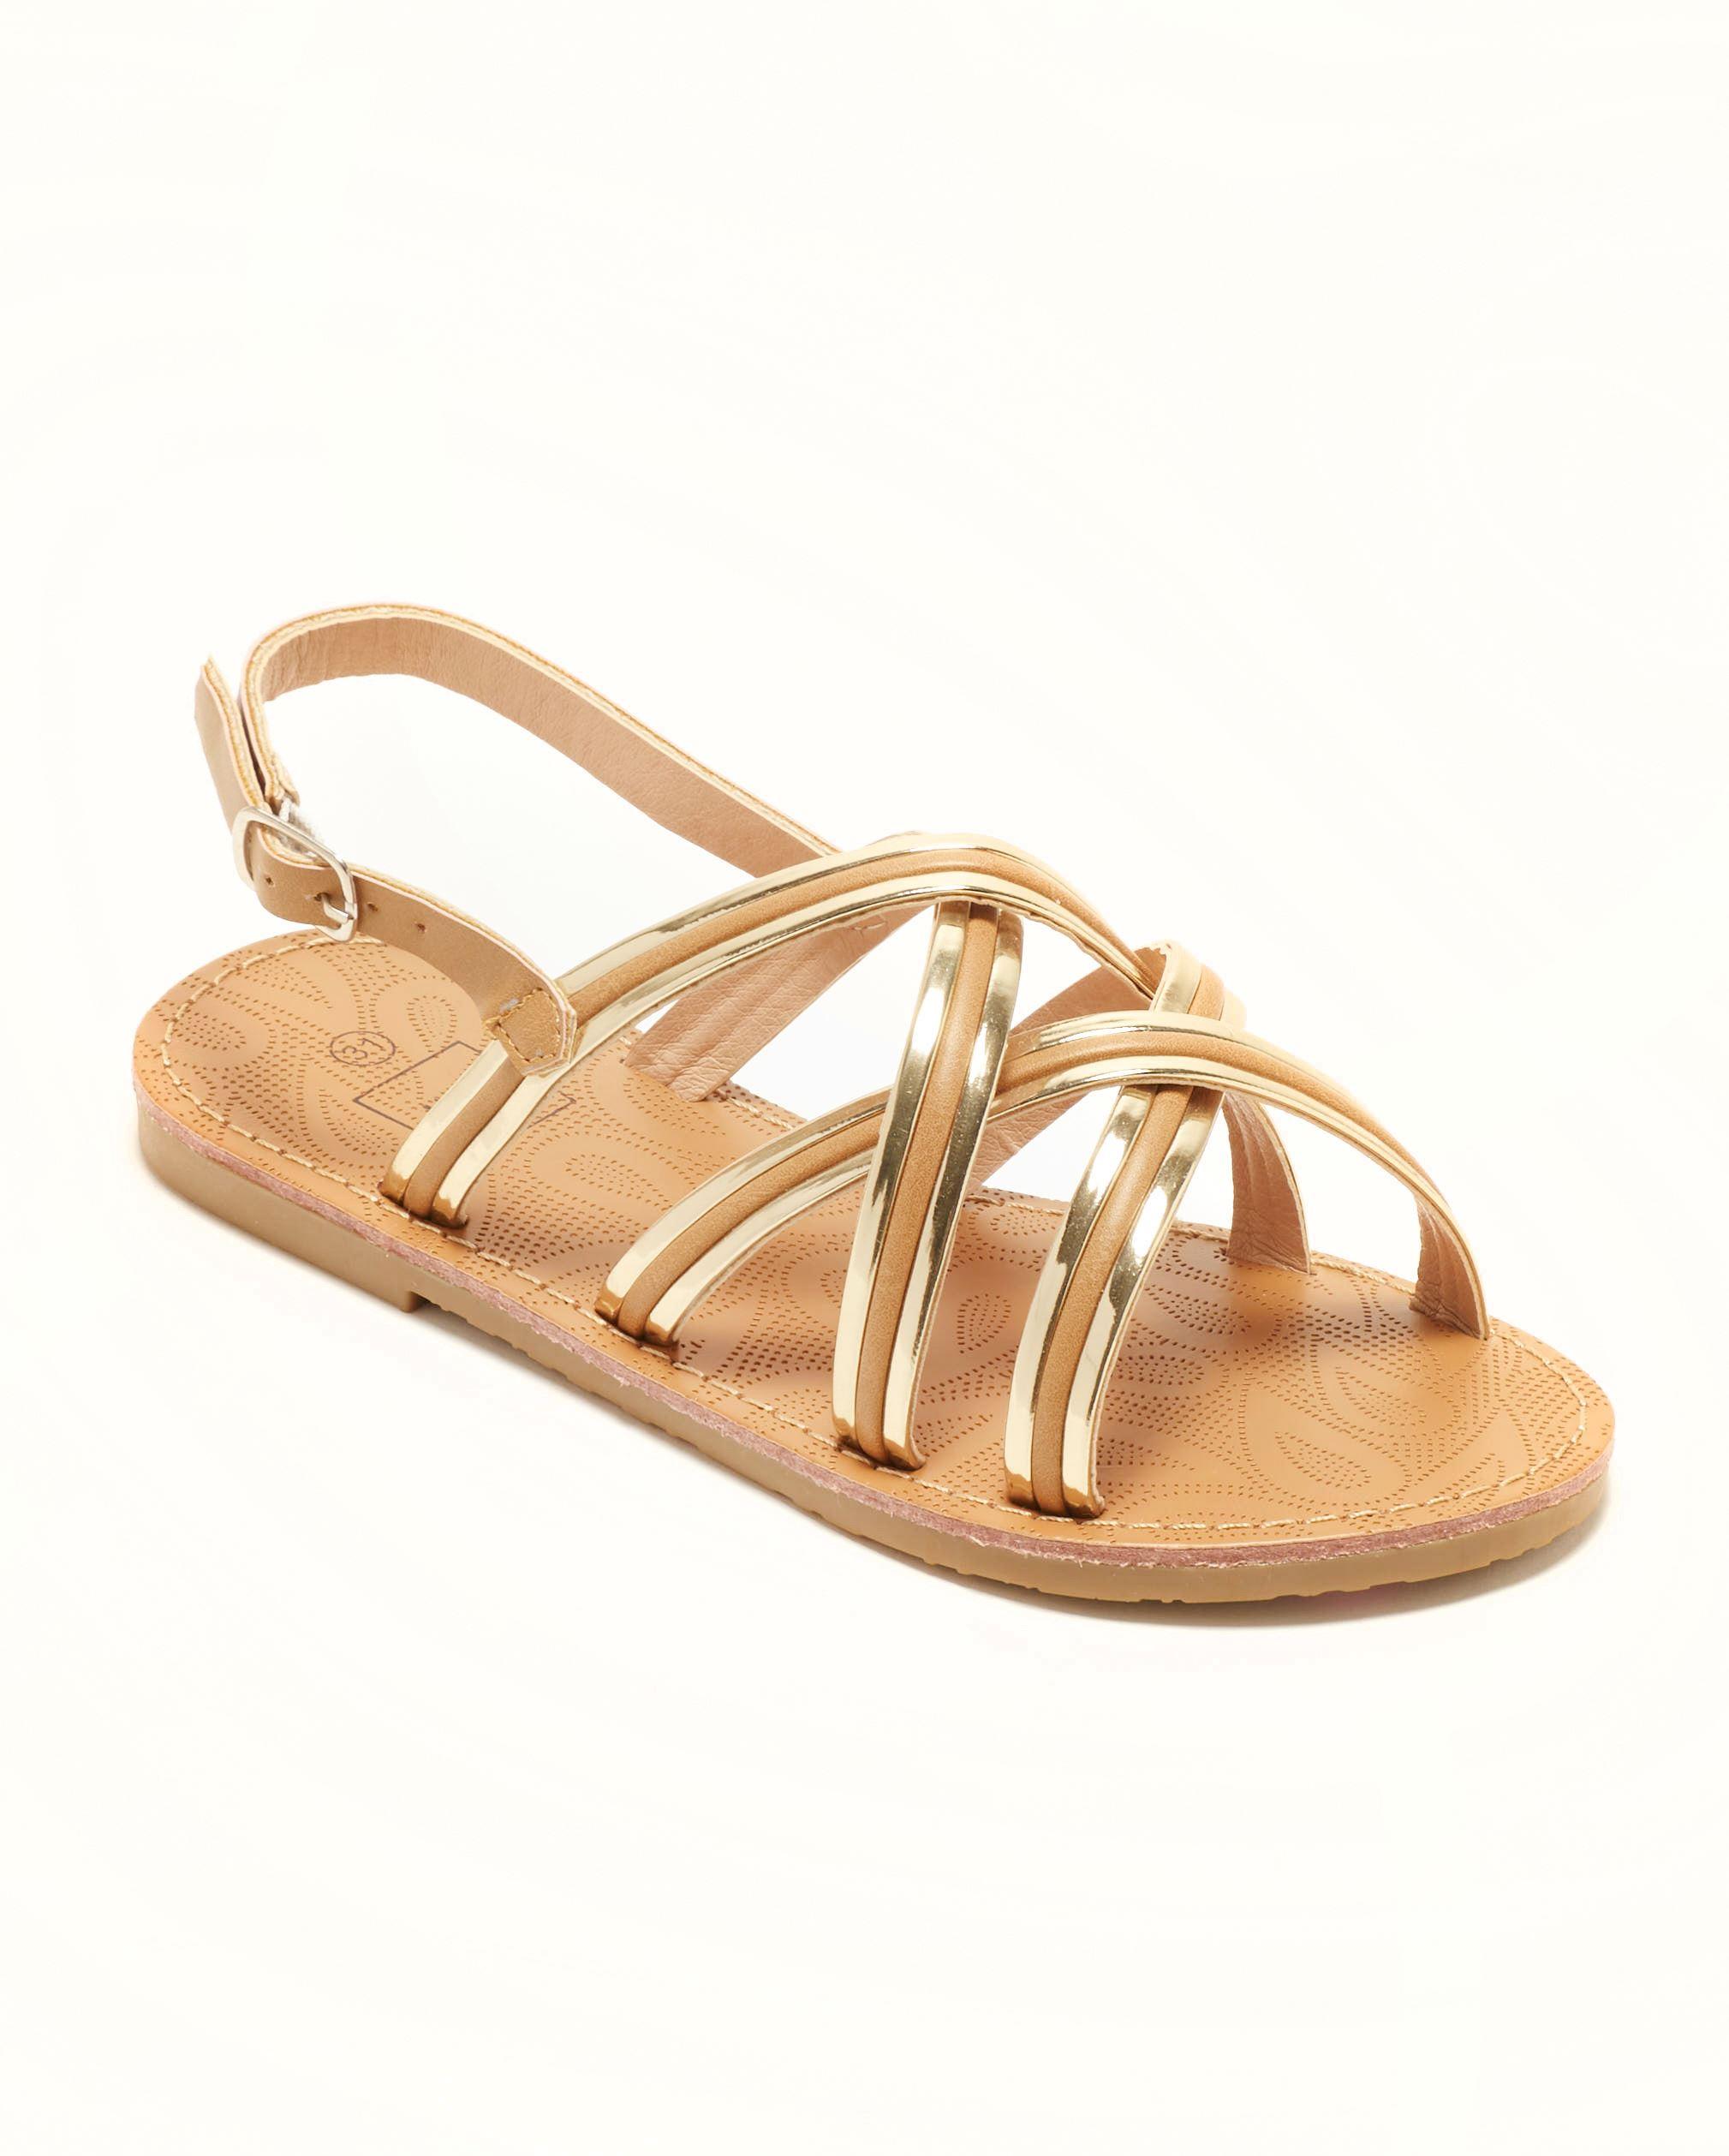 Sandales Fille - Sandale Ouverte Camel Or Jina - Ydxls23j-4 Jf